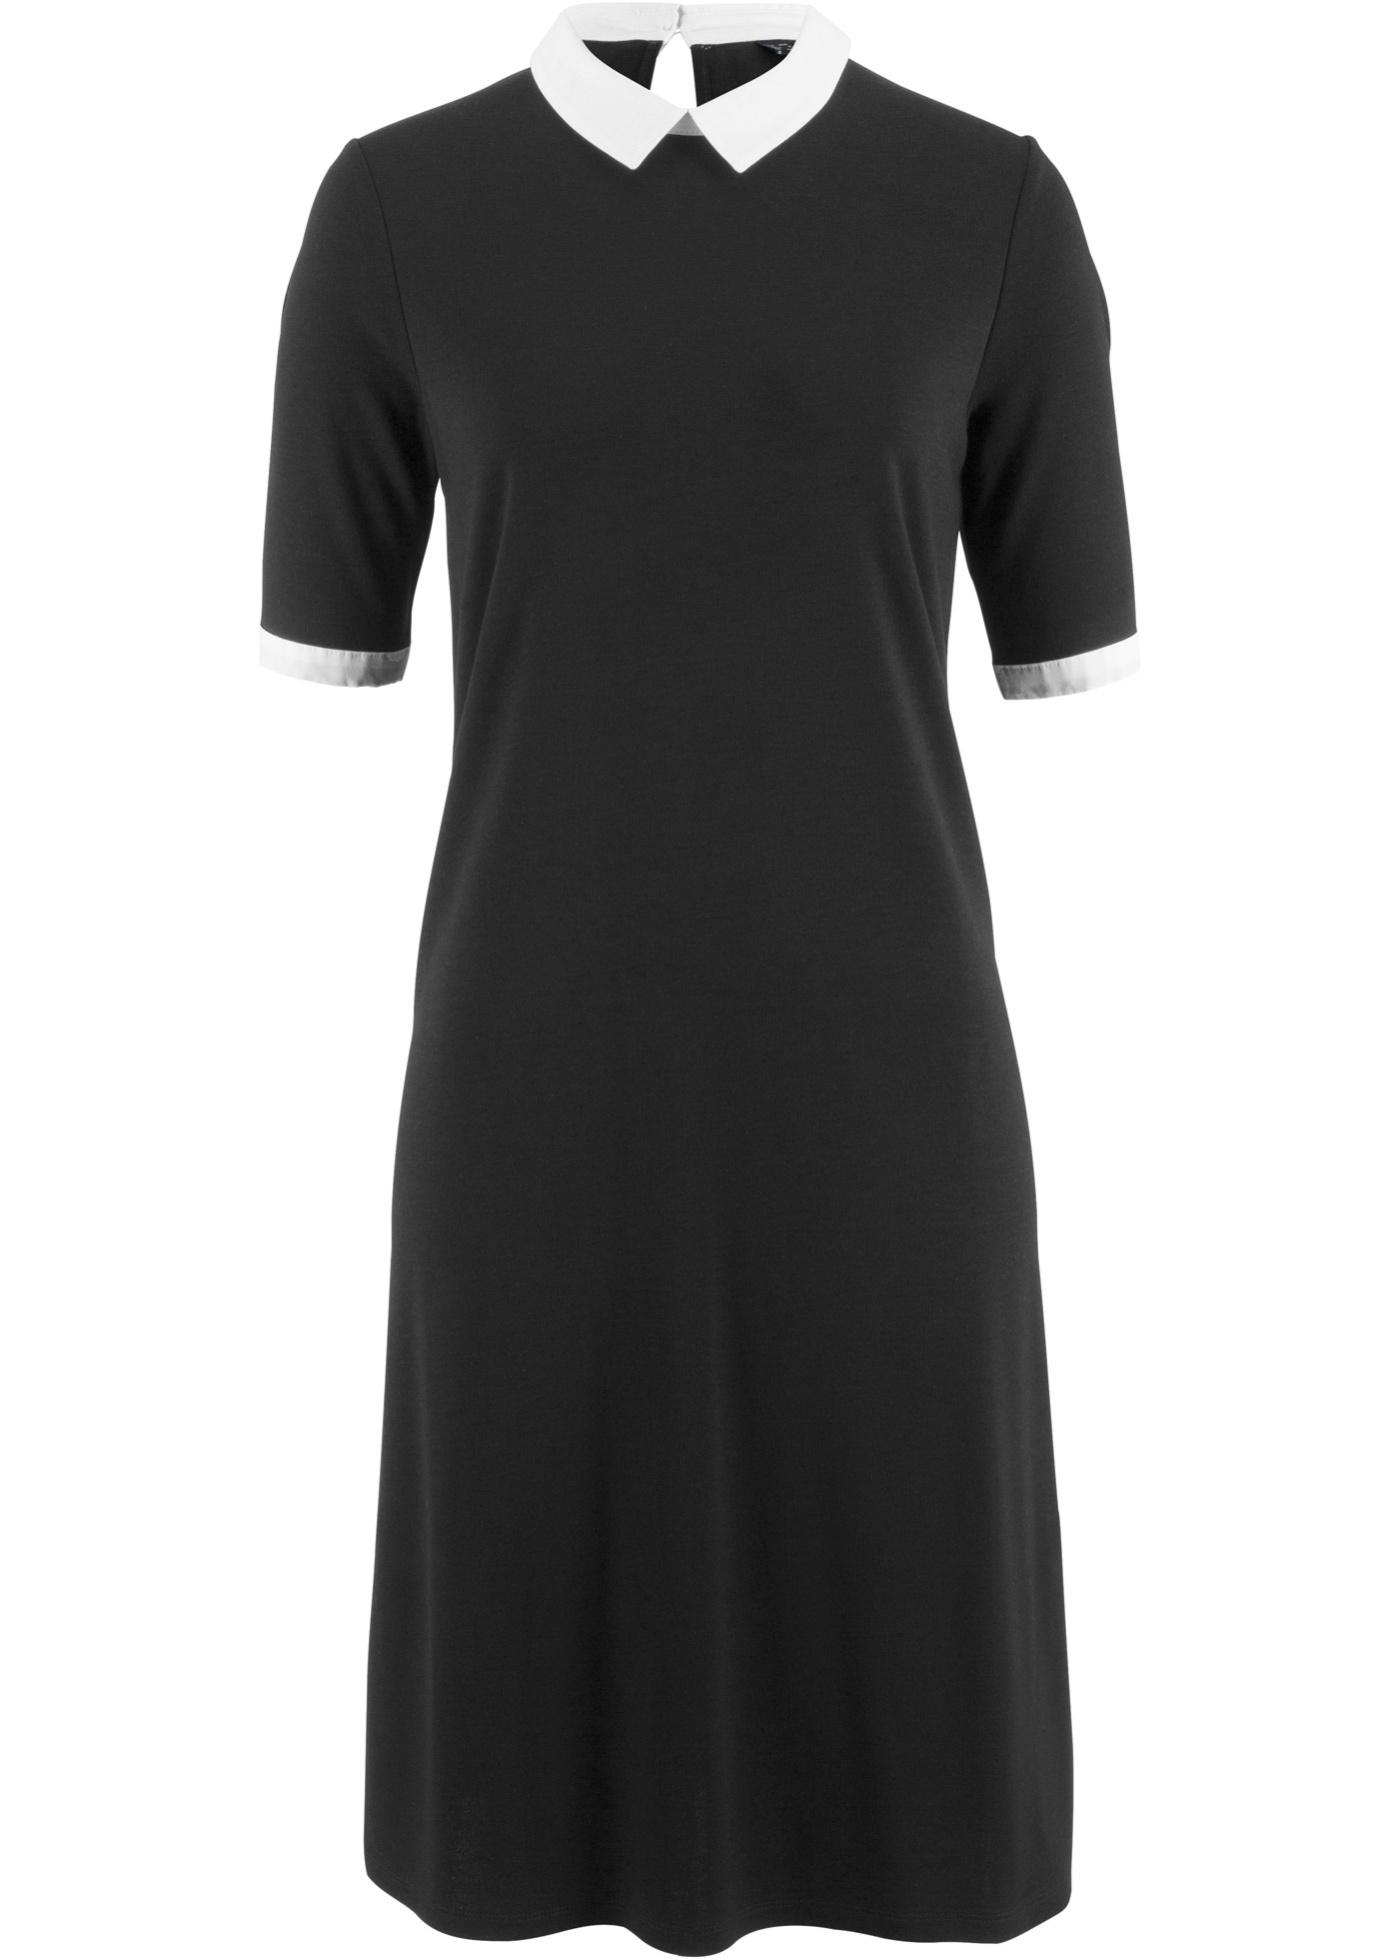 Femme shirt Manches CollectionRobe longues Maite Kelly Bonprix Mi Pour D'été Noir T Bpc Matière pSMVUz